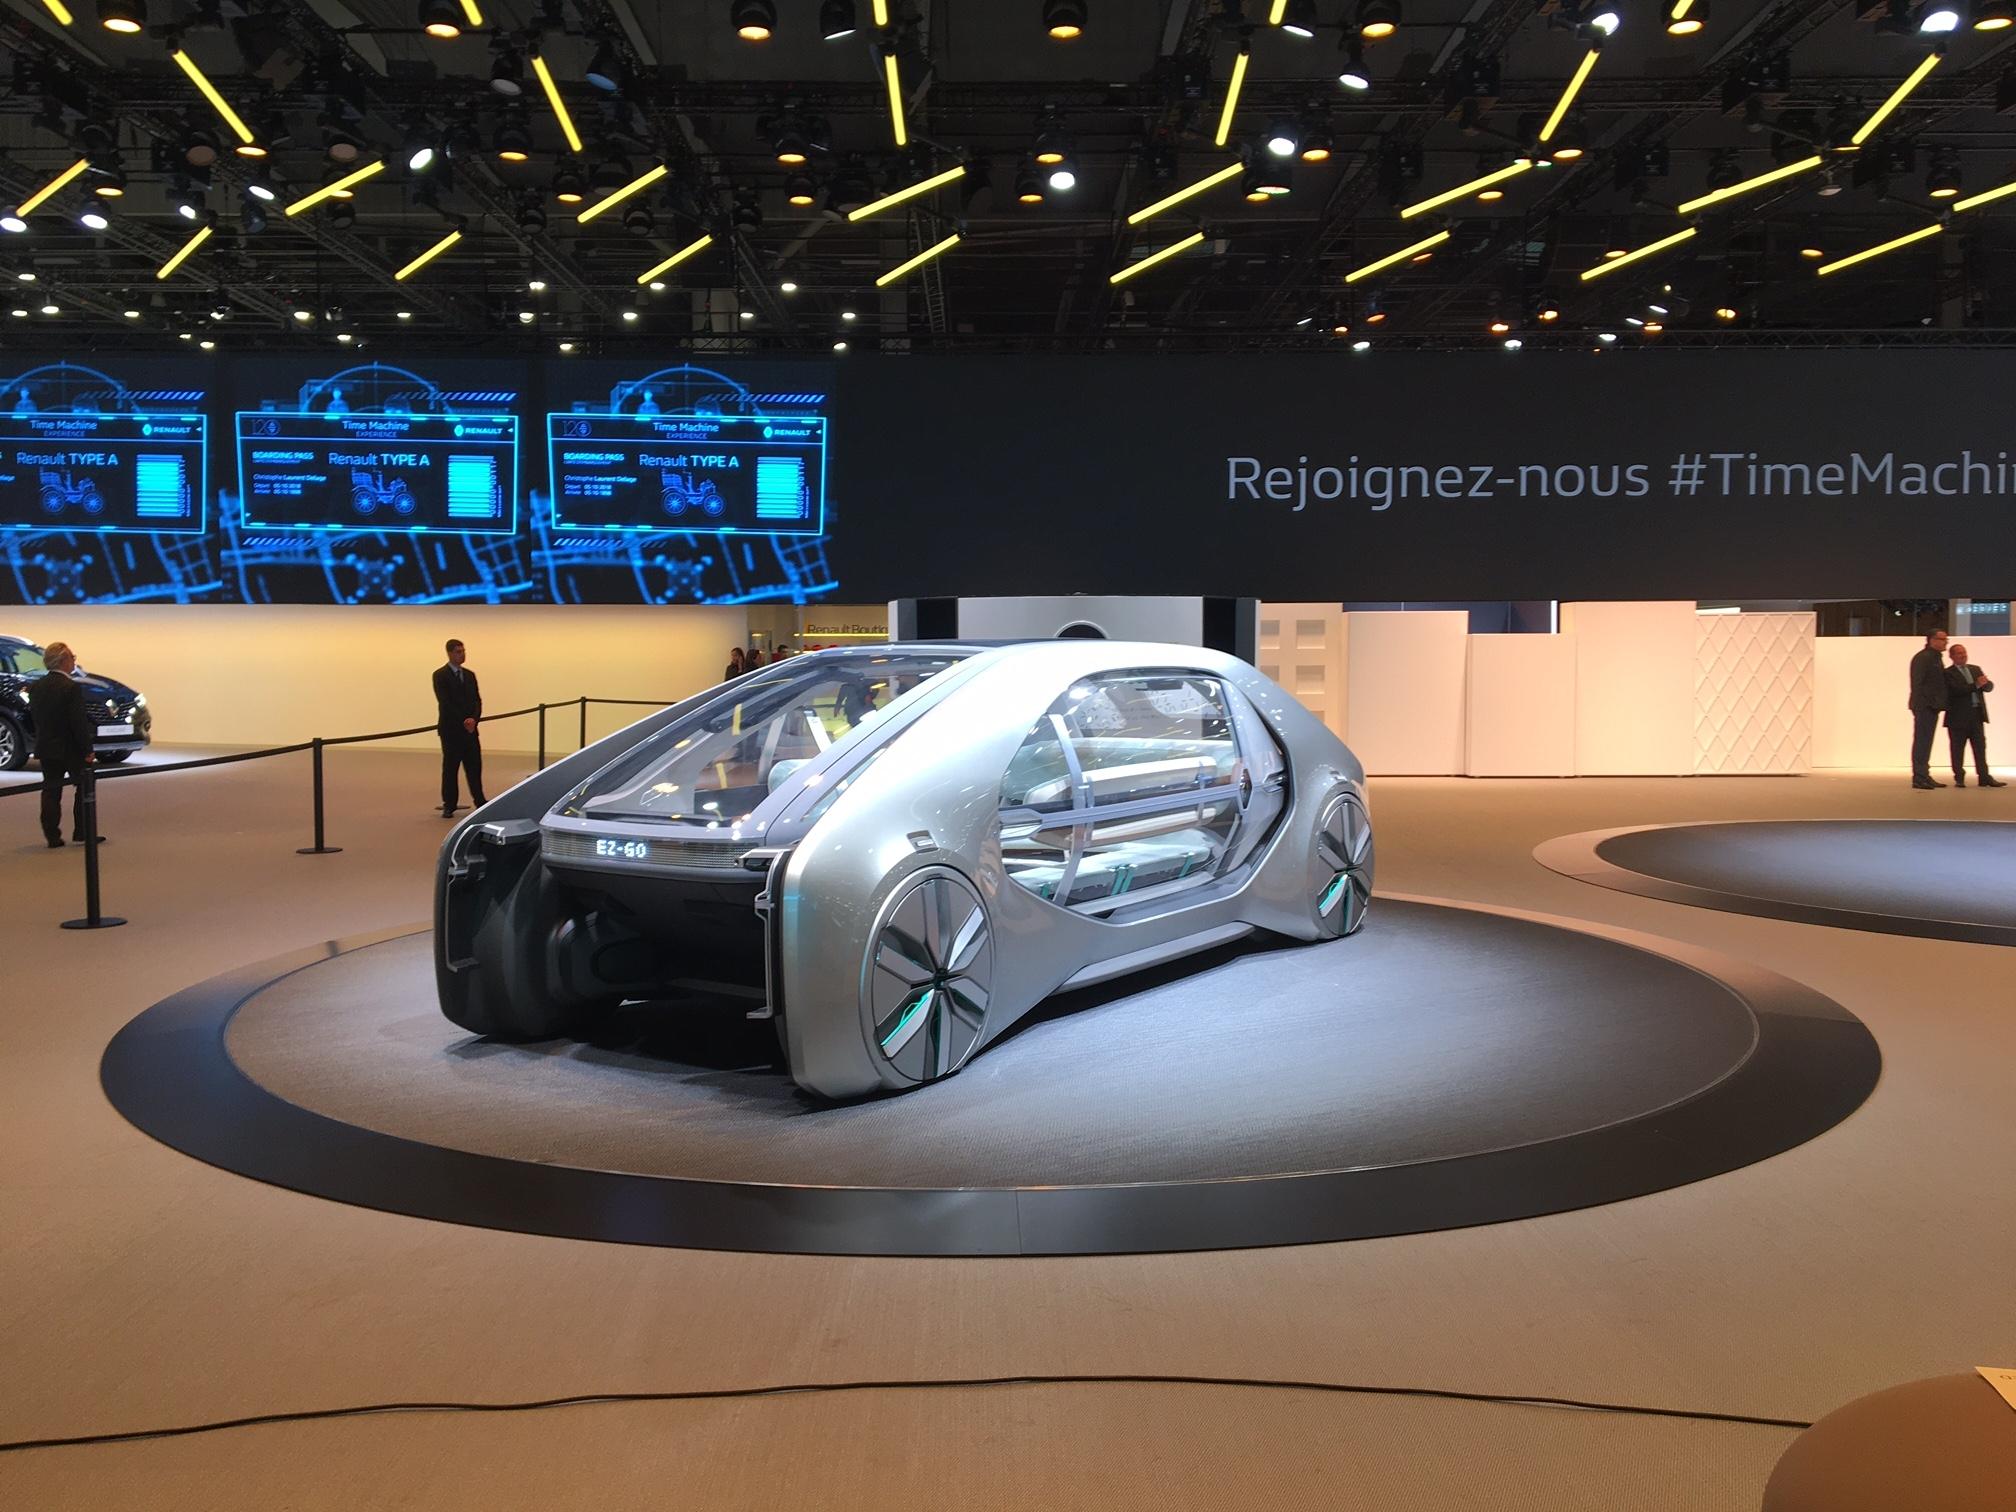 Renault Toutes Les Nouveautes Presentes Sur Le Stand En Avant